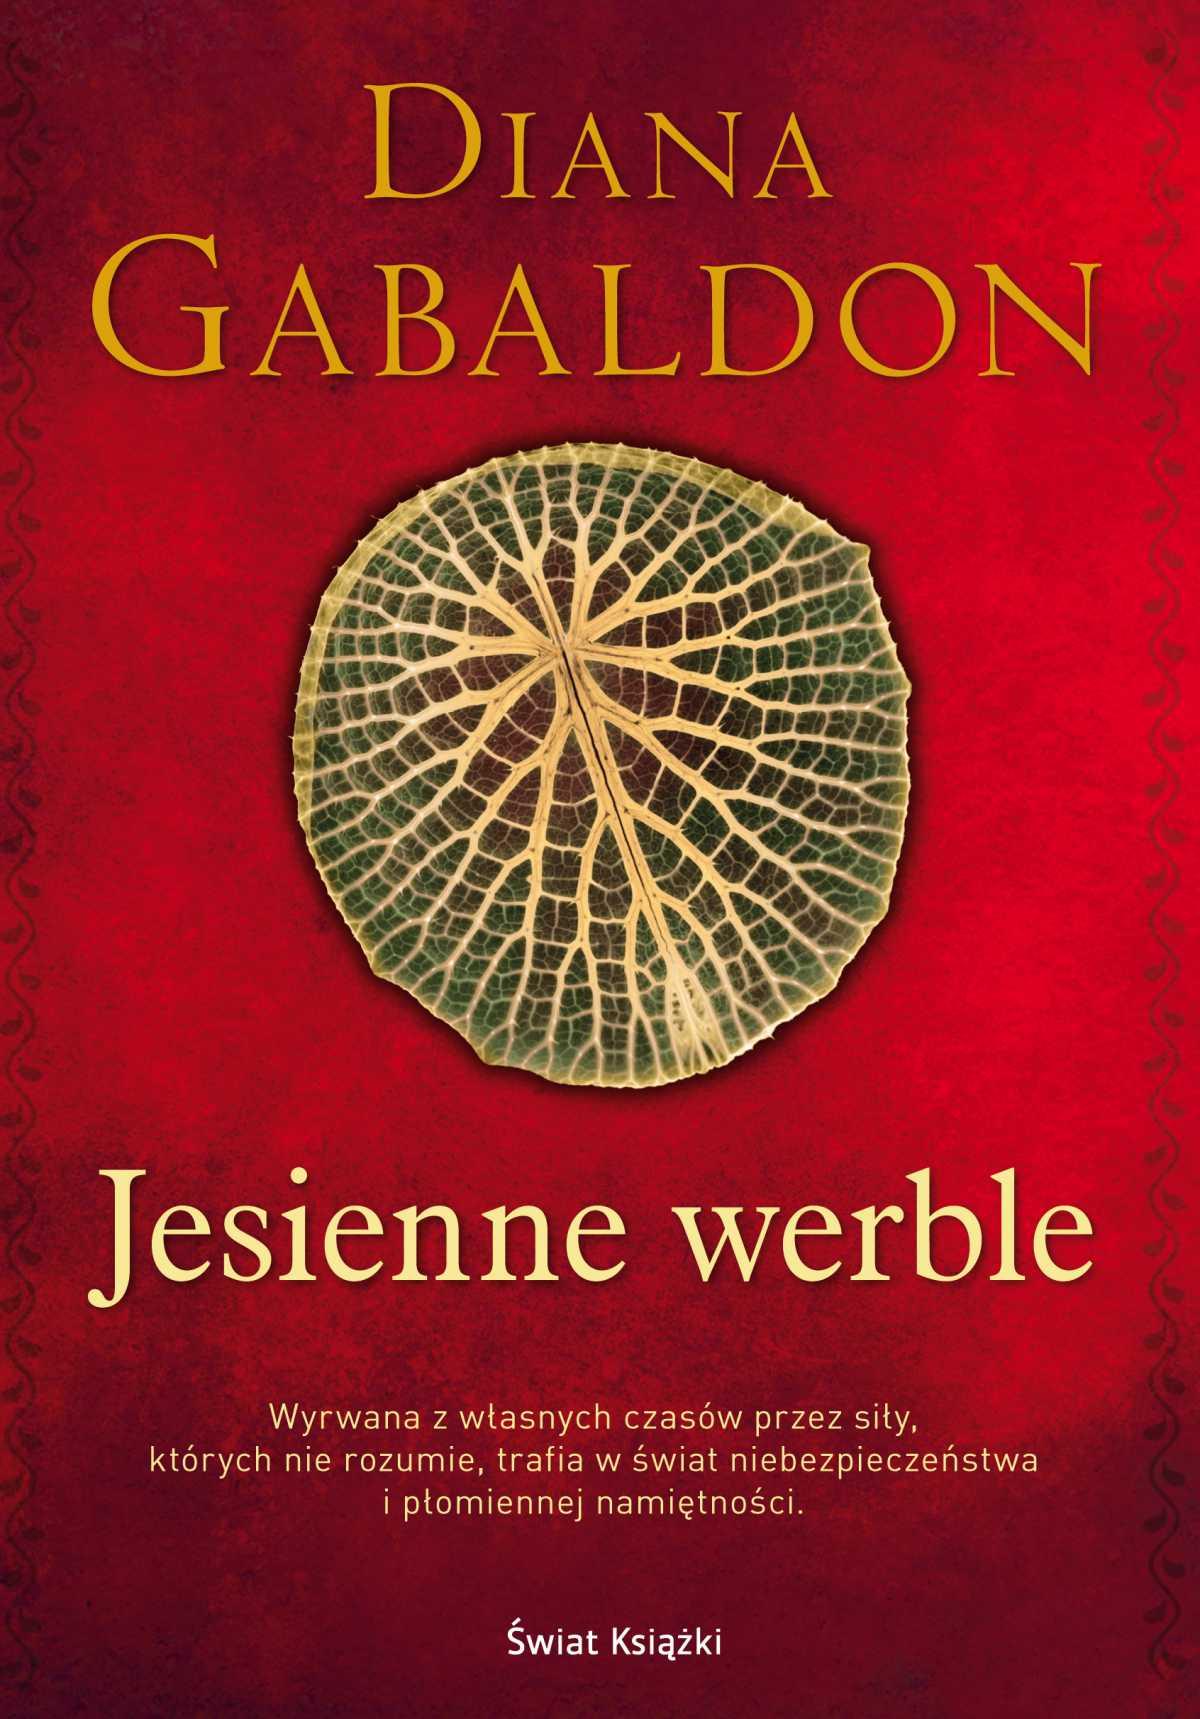 Jesienne werble - Ebook (Książka EPUB) do pobrania w formacie EPUB